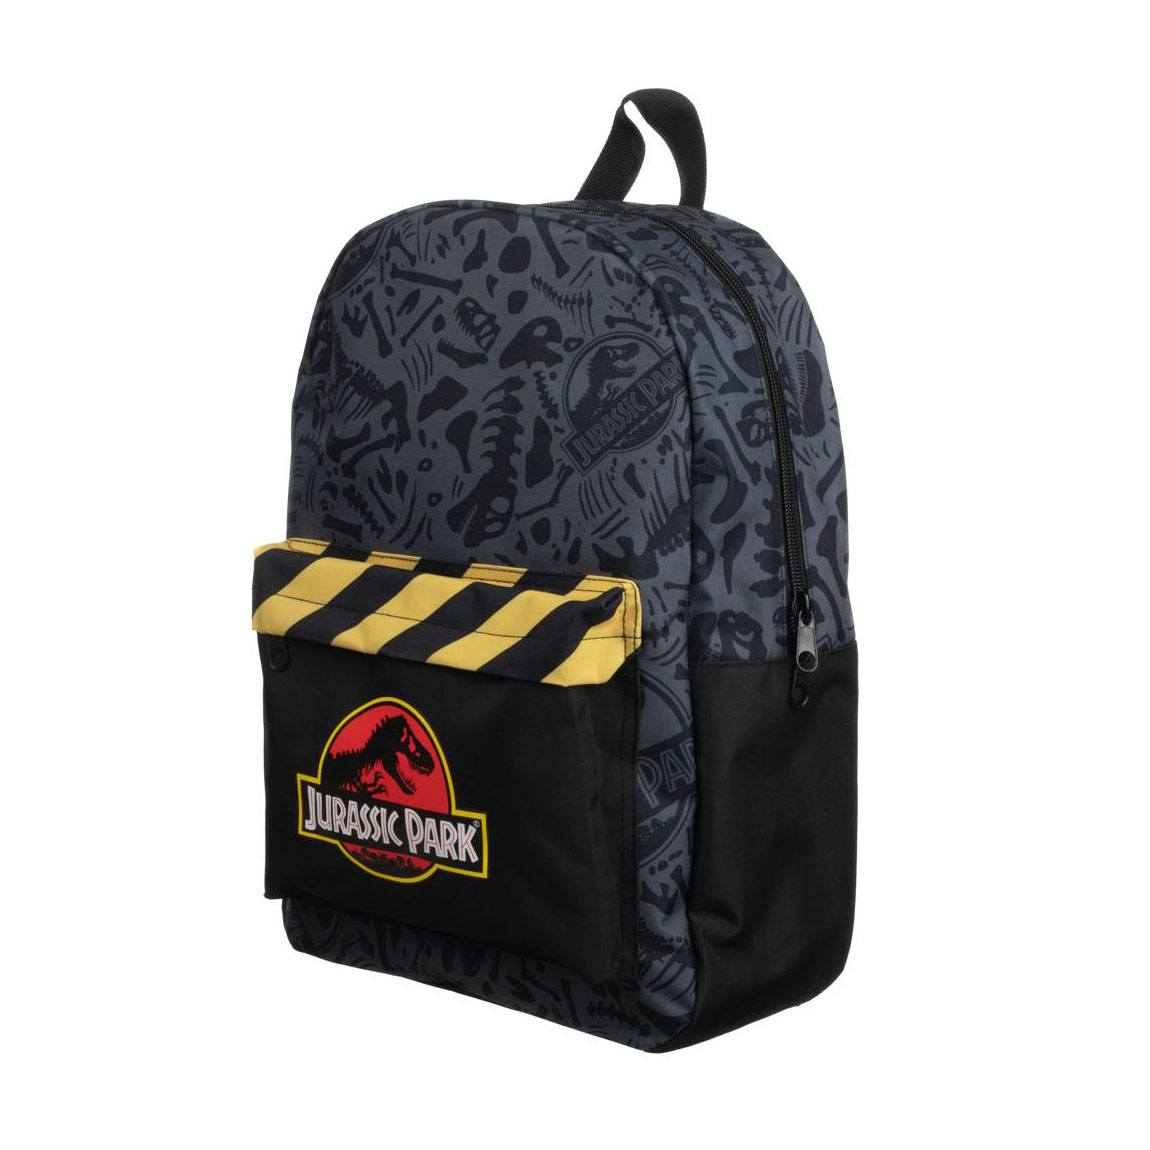 Jurassic Park Backpack Logo